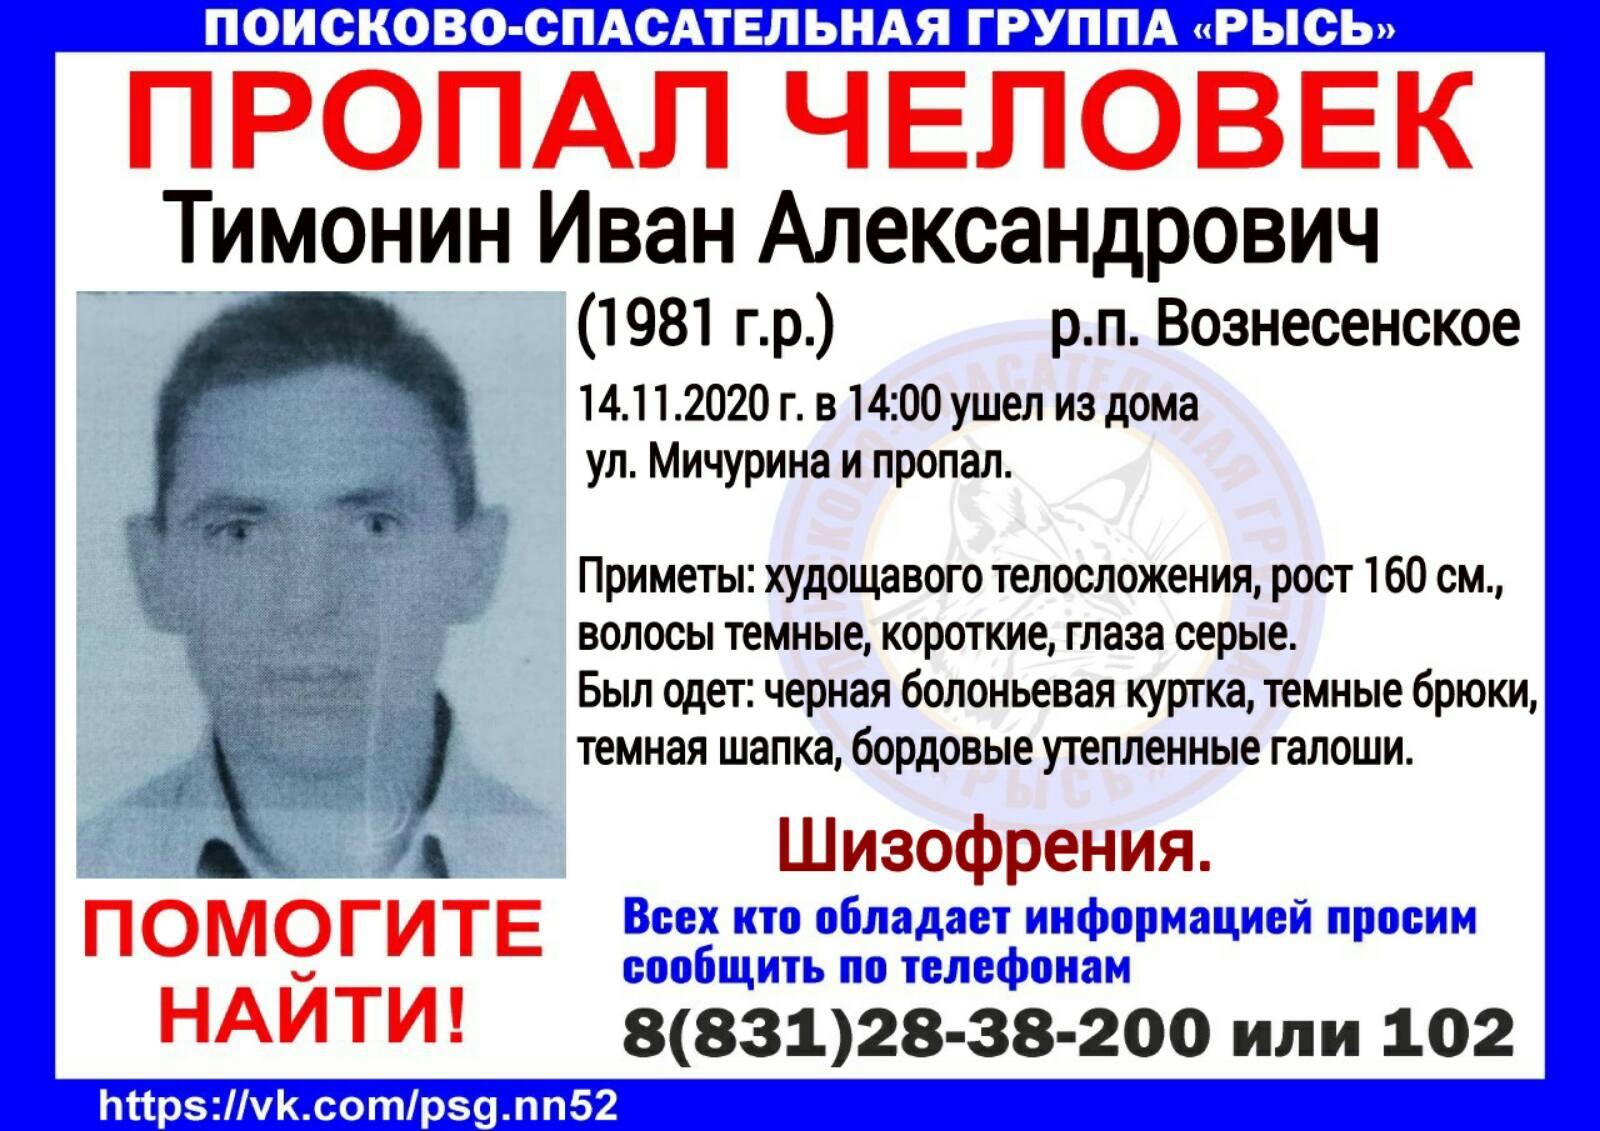 Тимонин Иван Александрович, 1981 г.р., р.п. Вознесенское